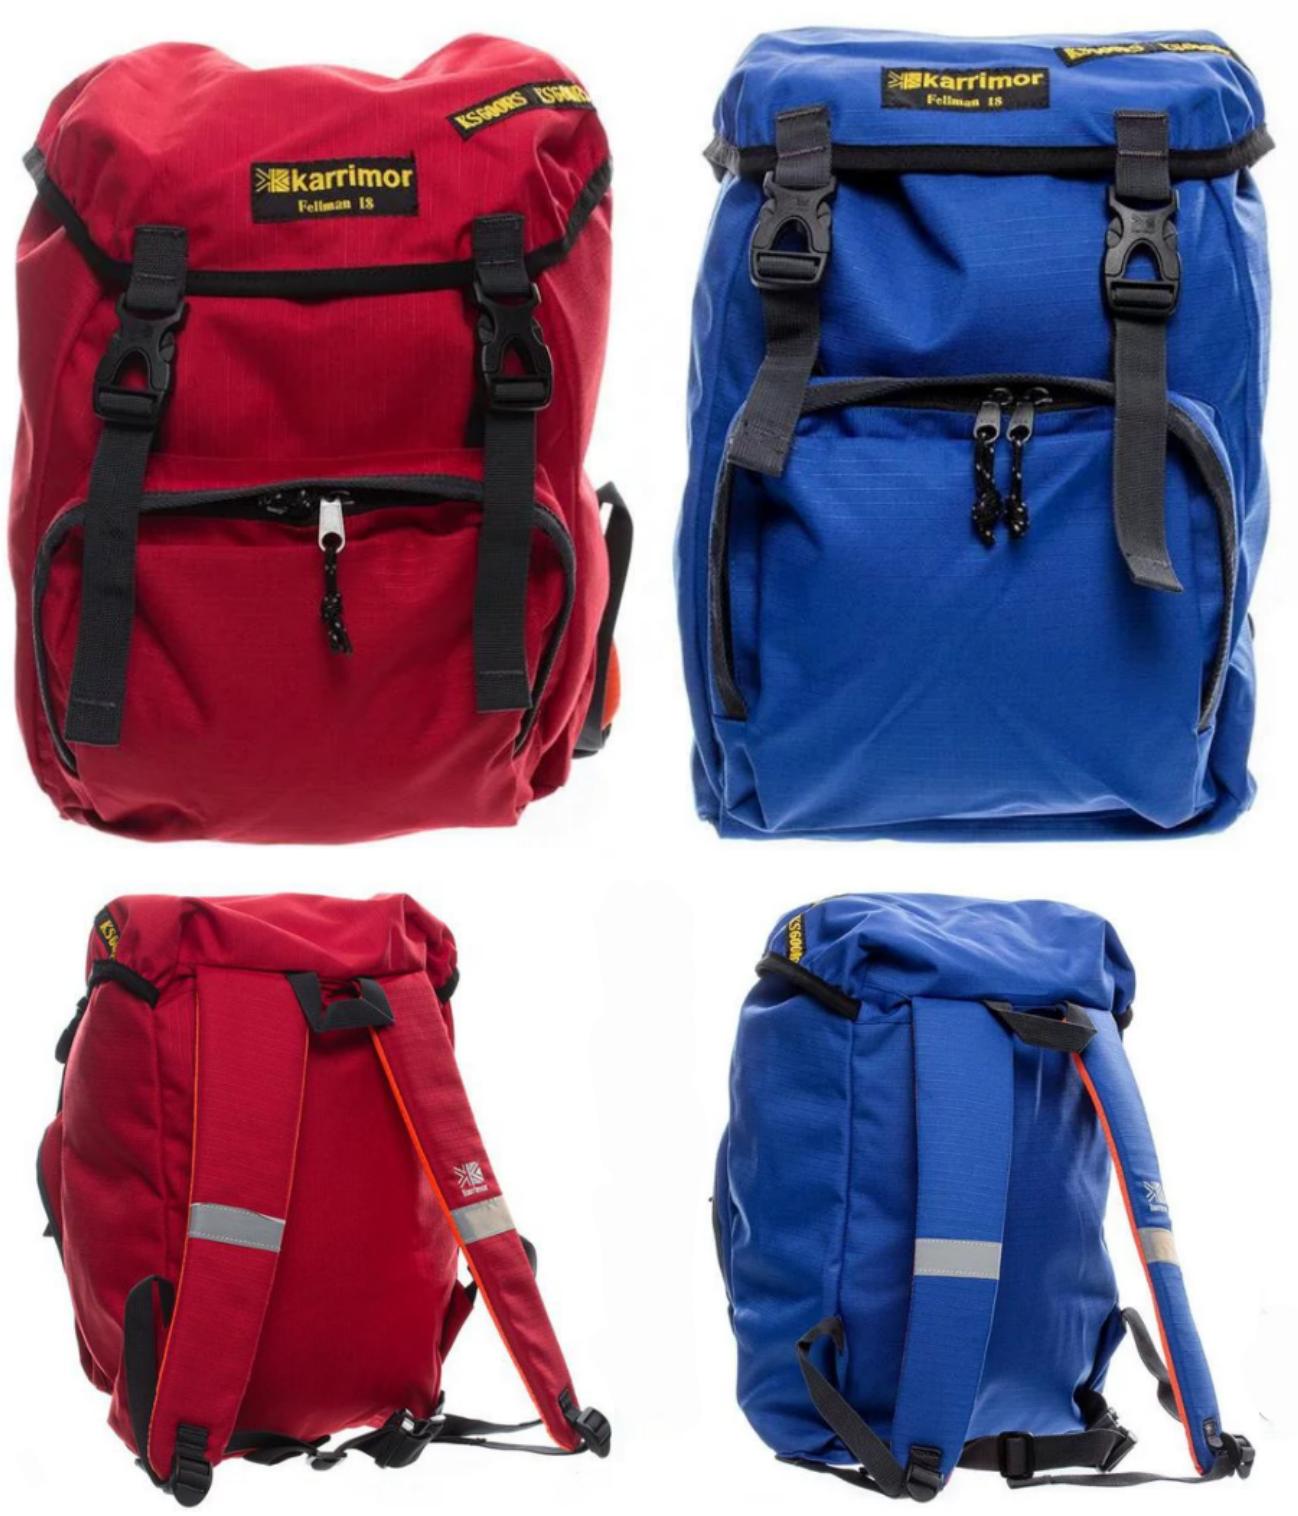 Original Karrimor School Bags